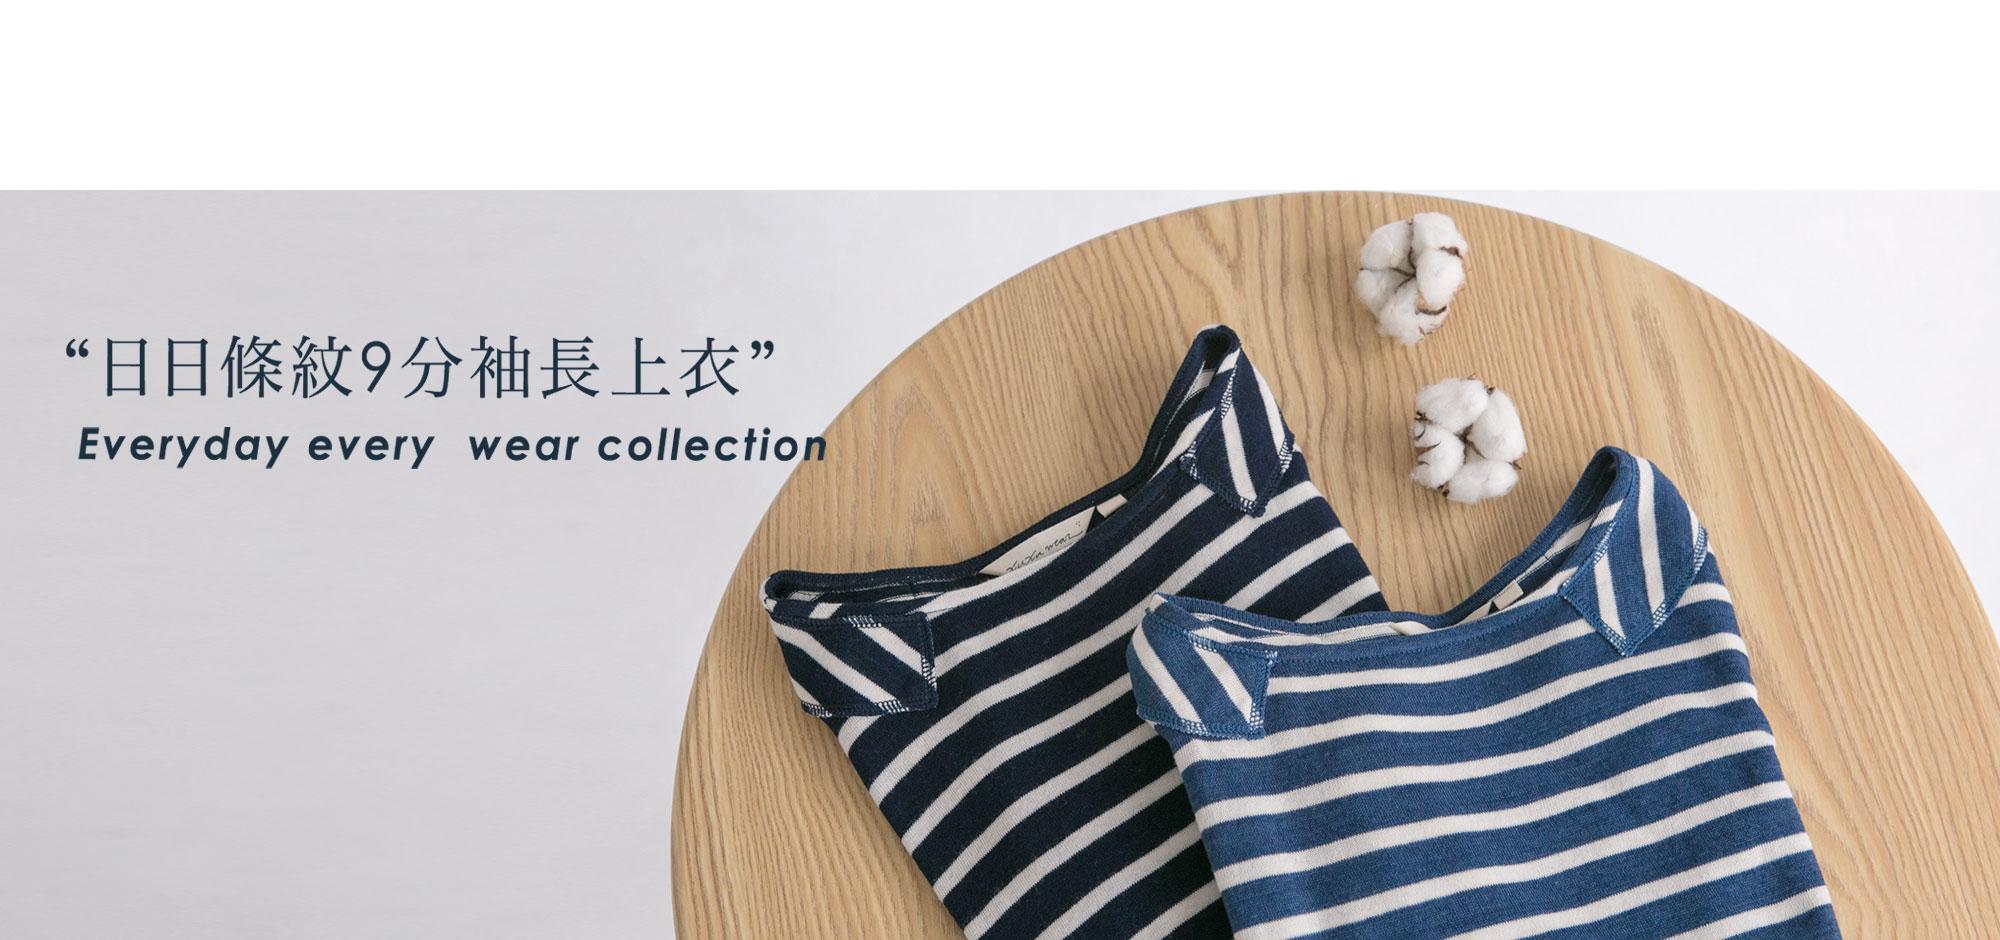 日日藍白條紋衫包色組